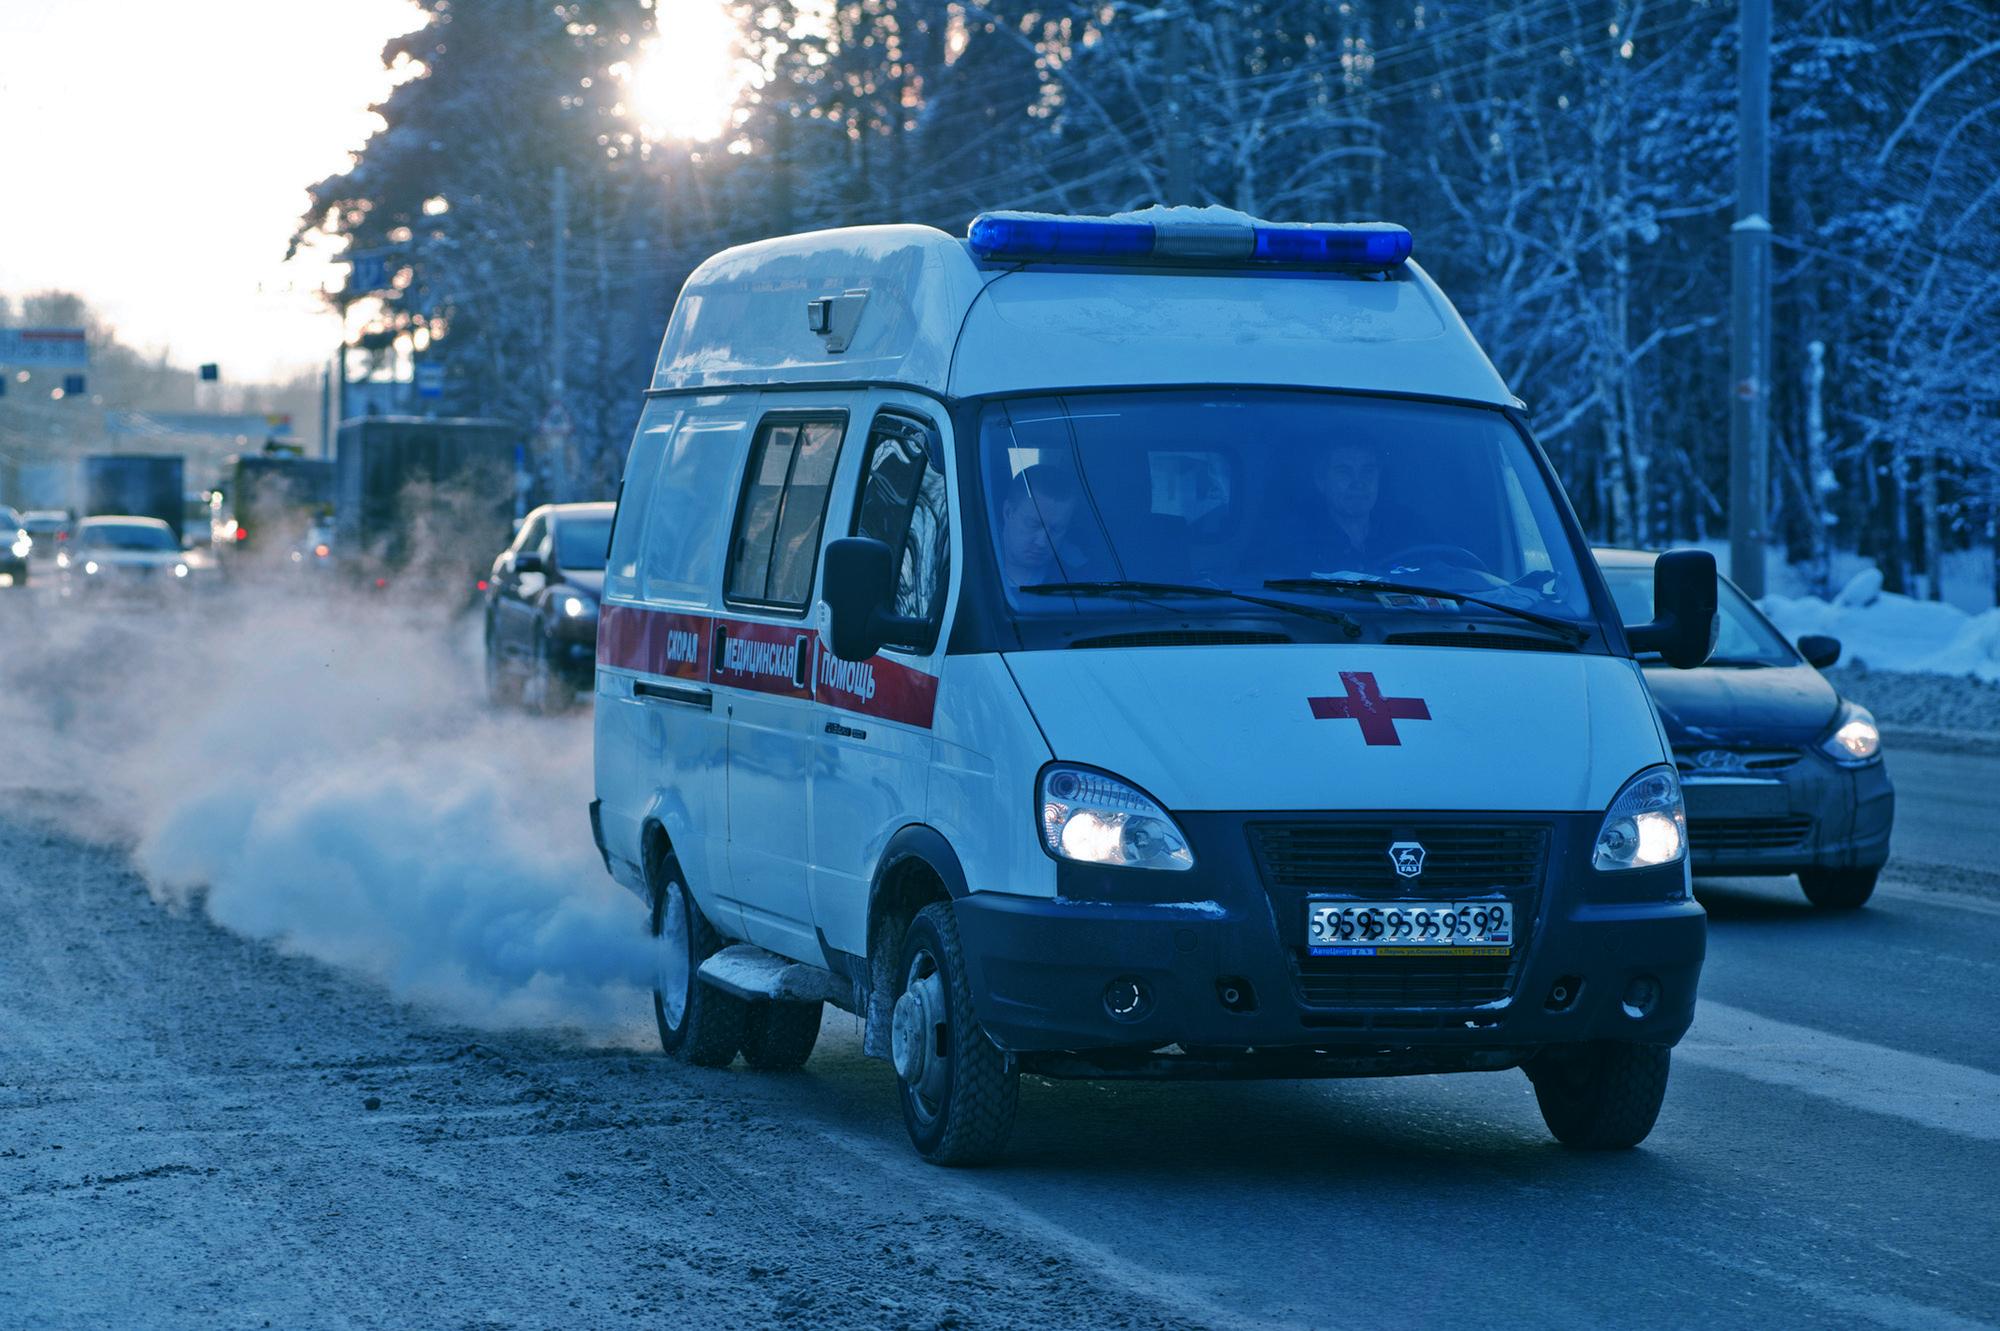 В Башкортостане руководителей больниц оштрафовали на 3,7 млн рублей за неоплаченные сверхурочные медработникам «скорых»